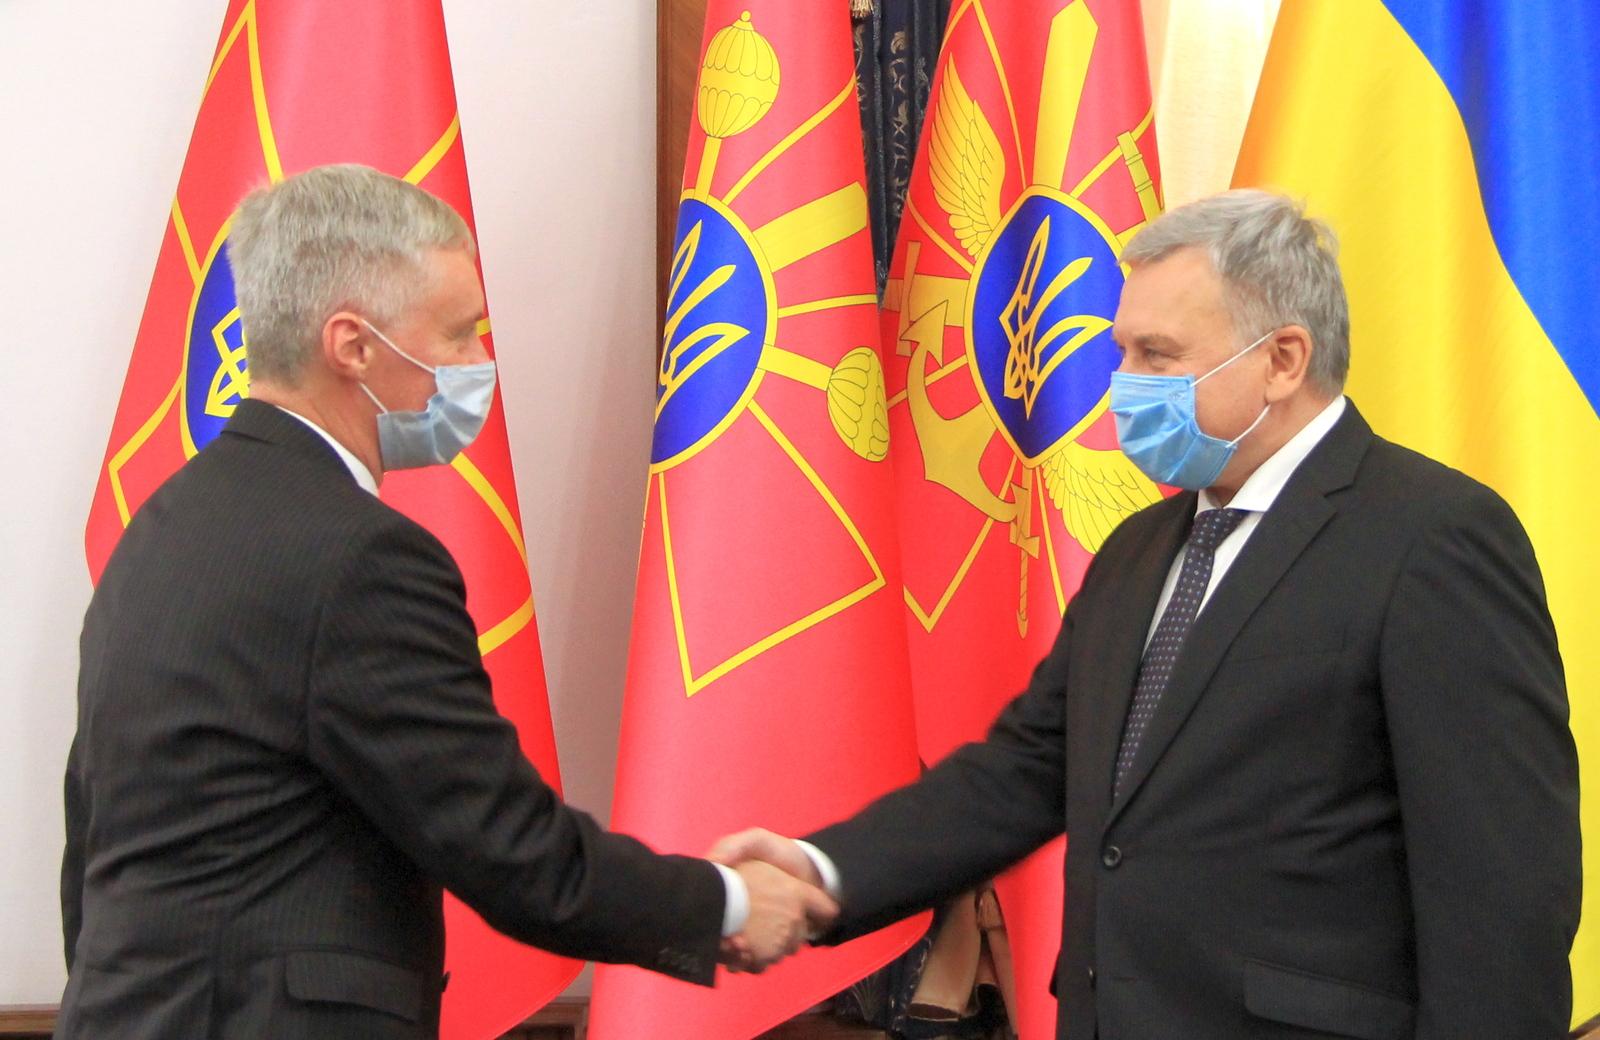 Міністр оборони України та новопризначений Надзвичайний і Повноважний Посол Литовської Республіки в Україні обговорили нові проєкти у сфері безпеки